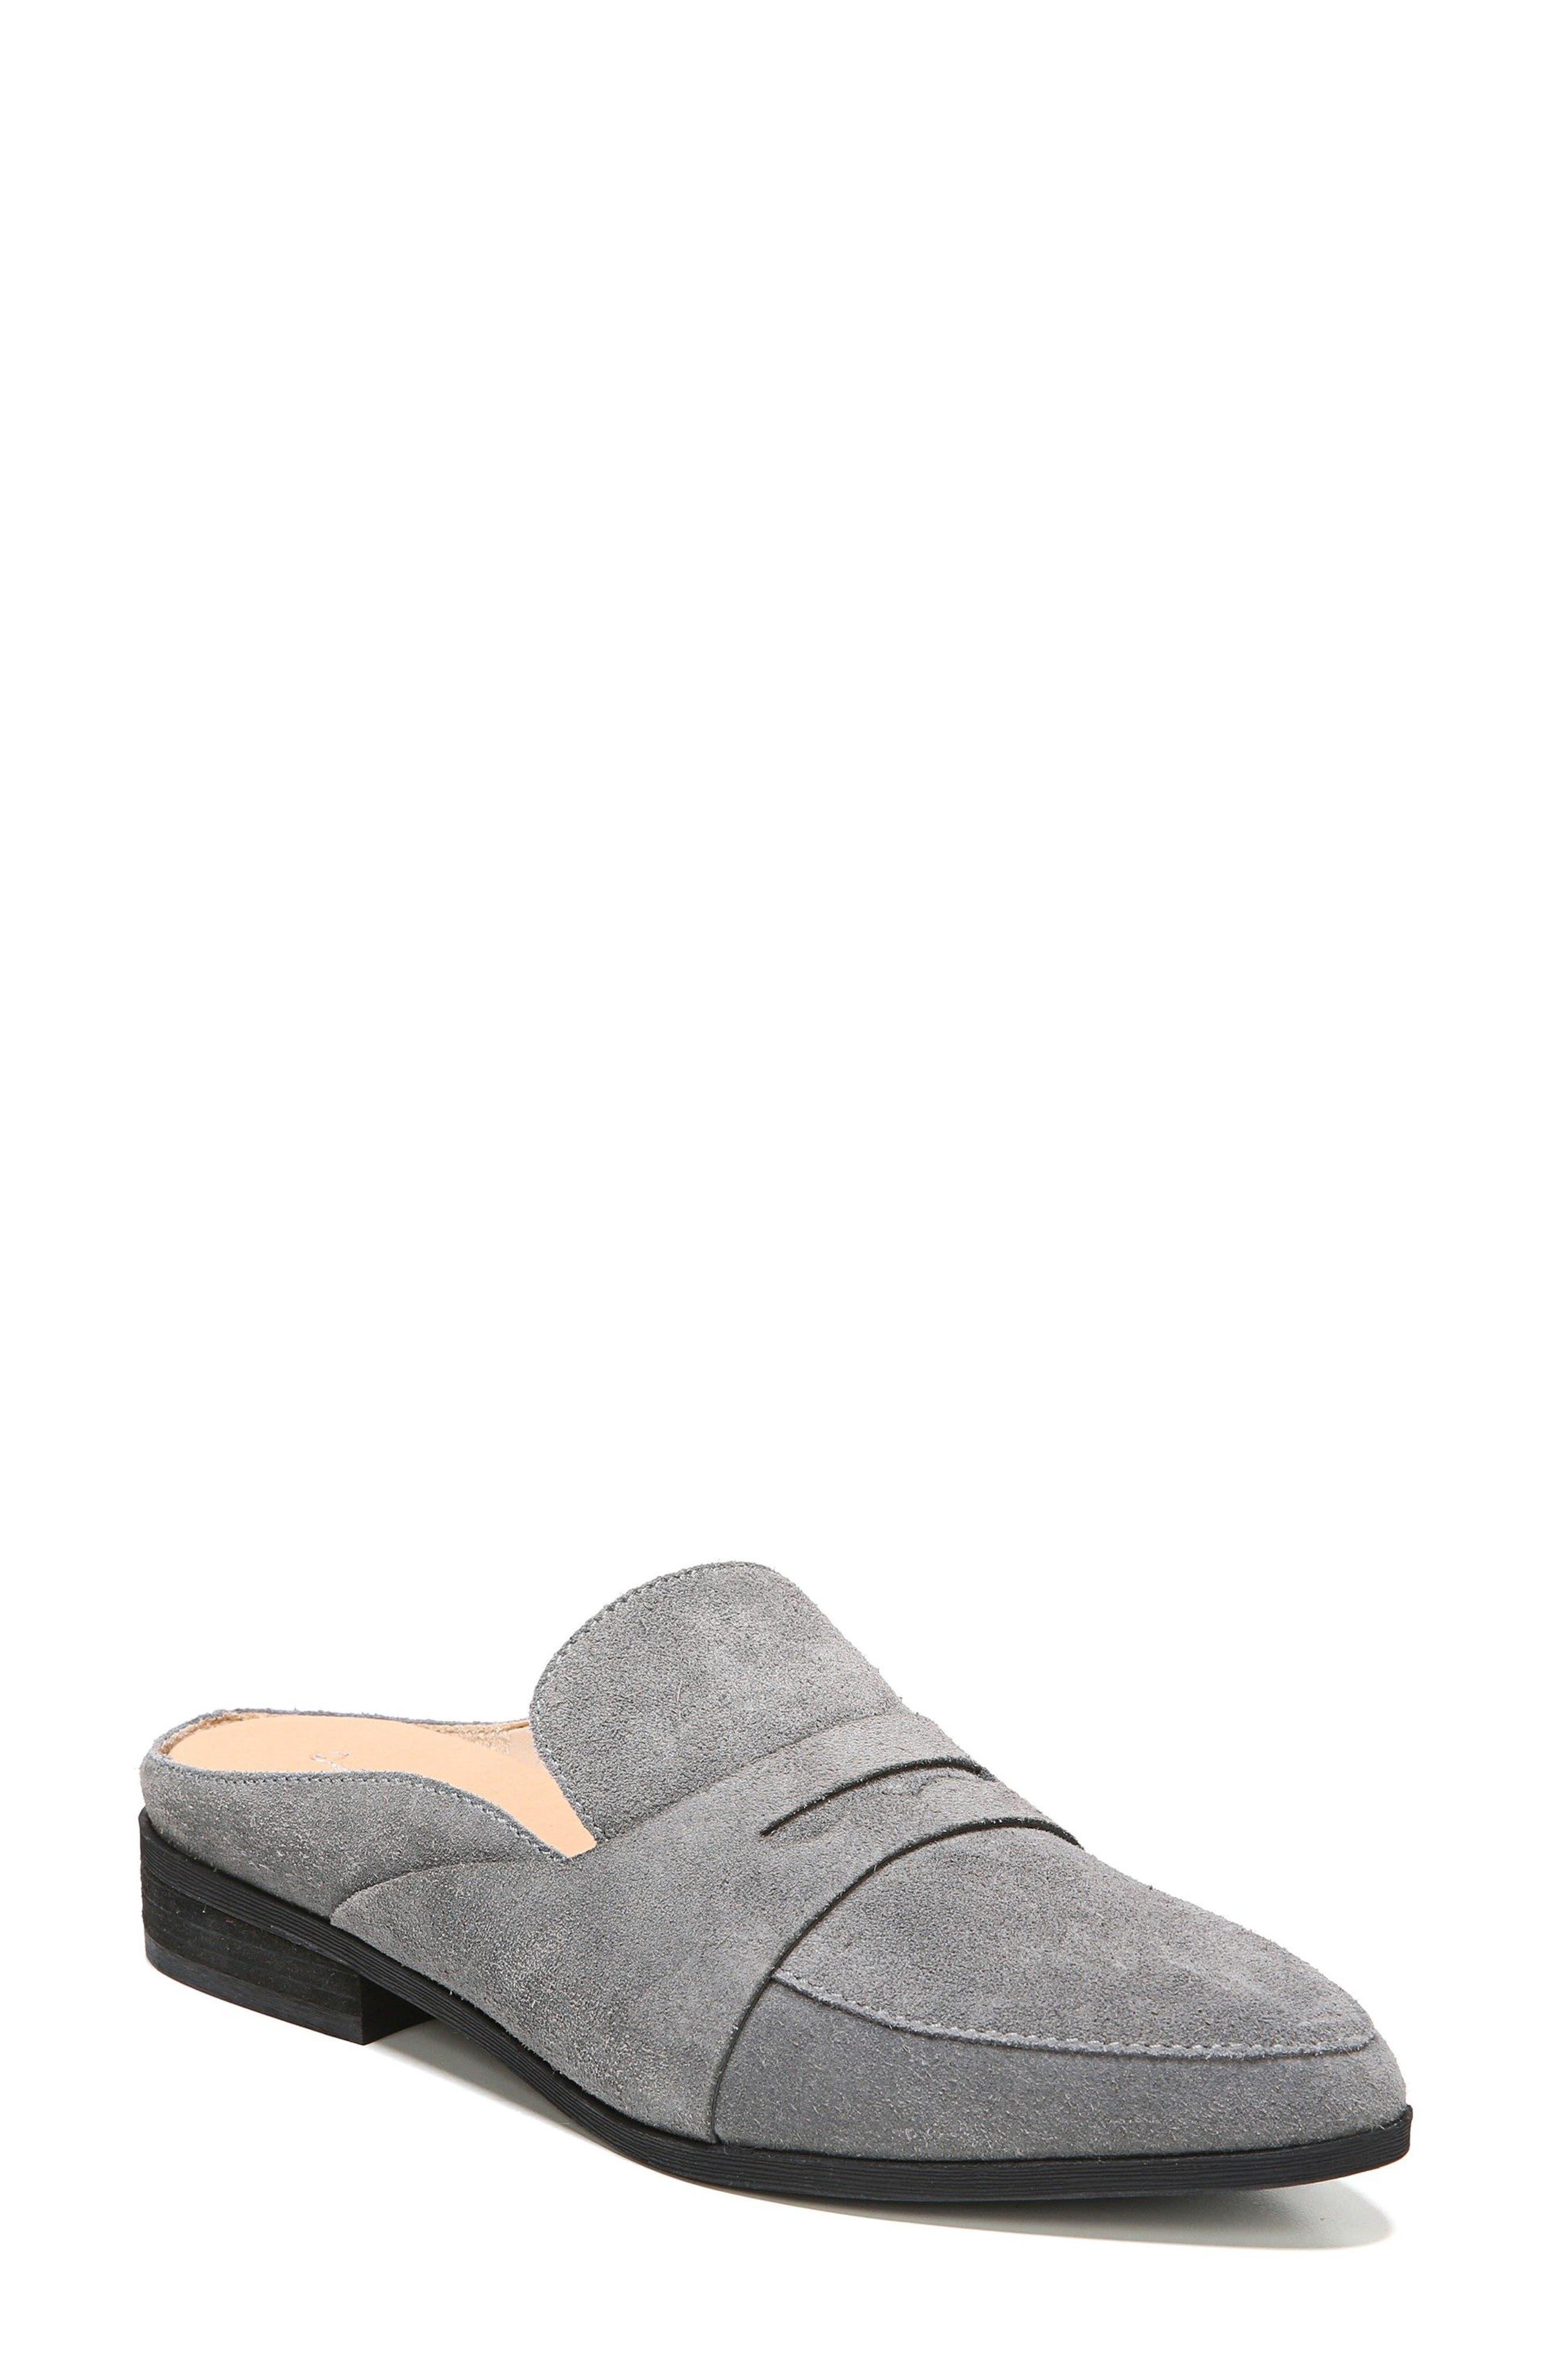 Eden Mule,                         Main,                         color, Grey Suede